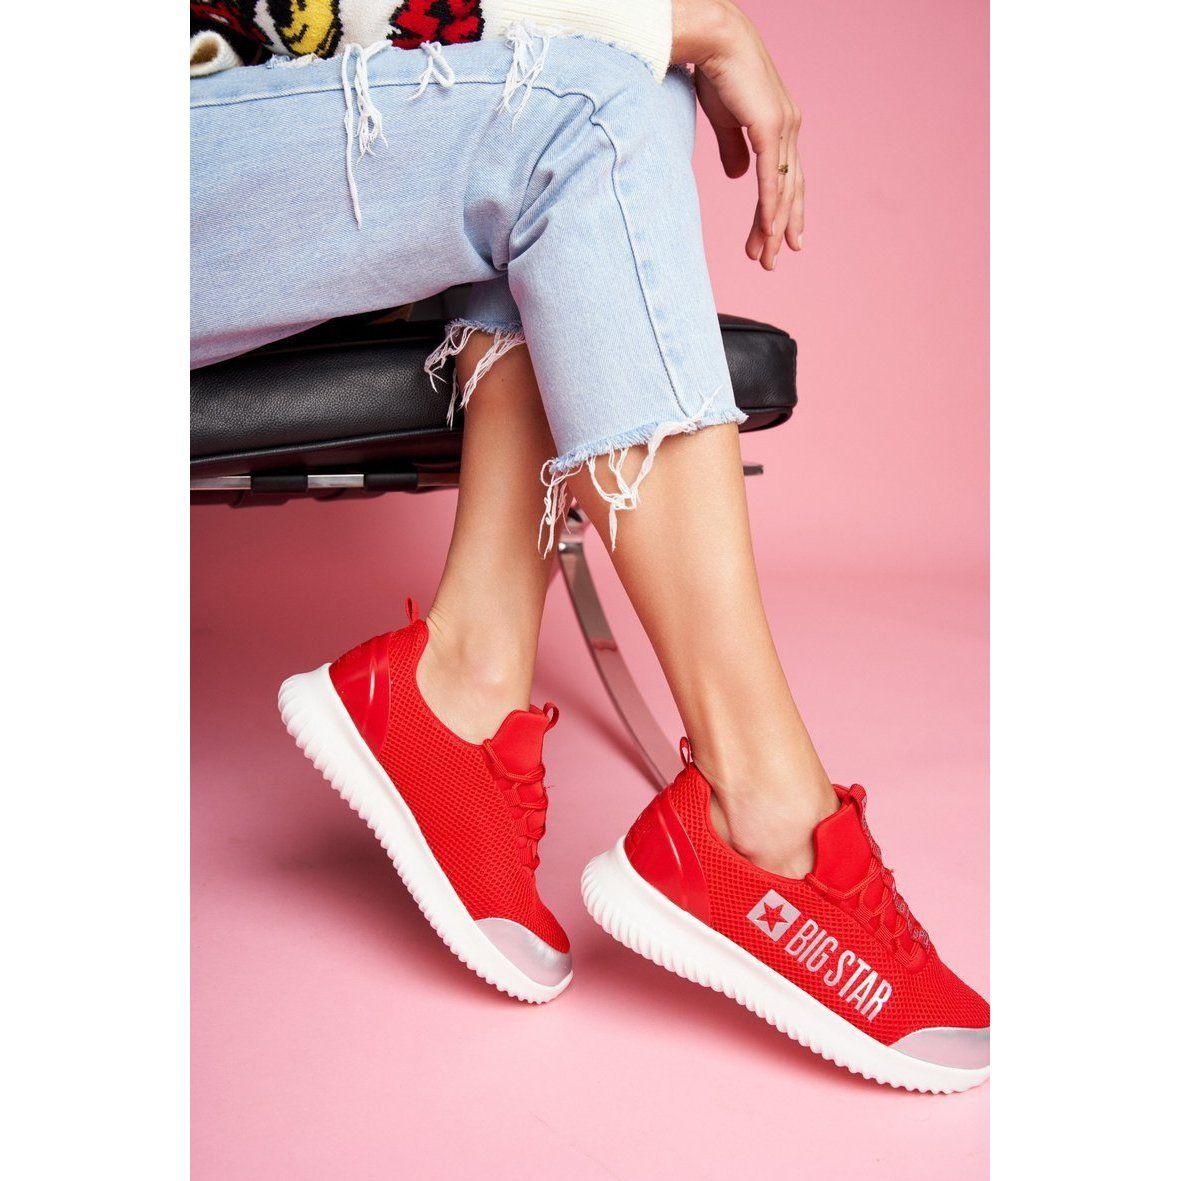 Damskie Sportowe Obuwie Big Star Czerwone Ff274a412 Adidas Sneakers Shoes Sneakers